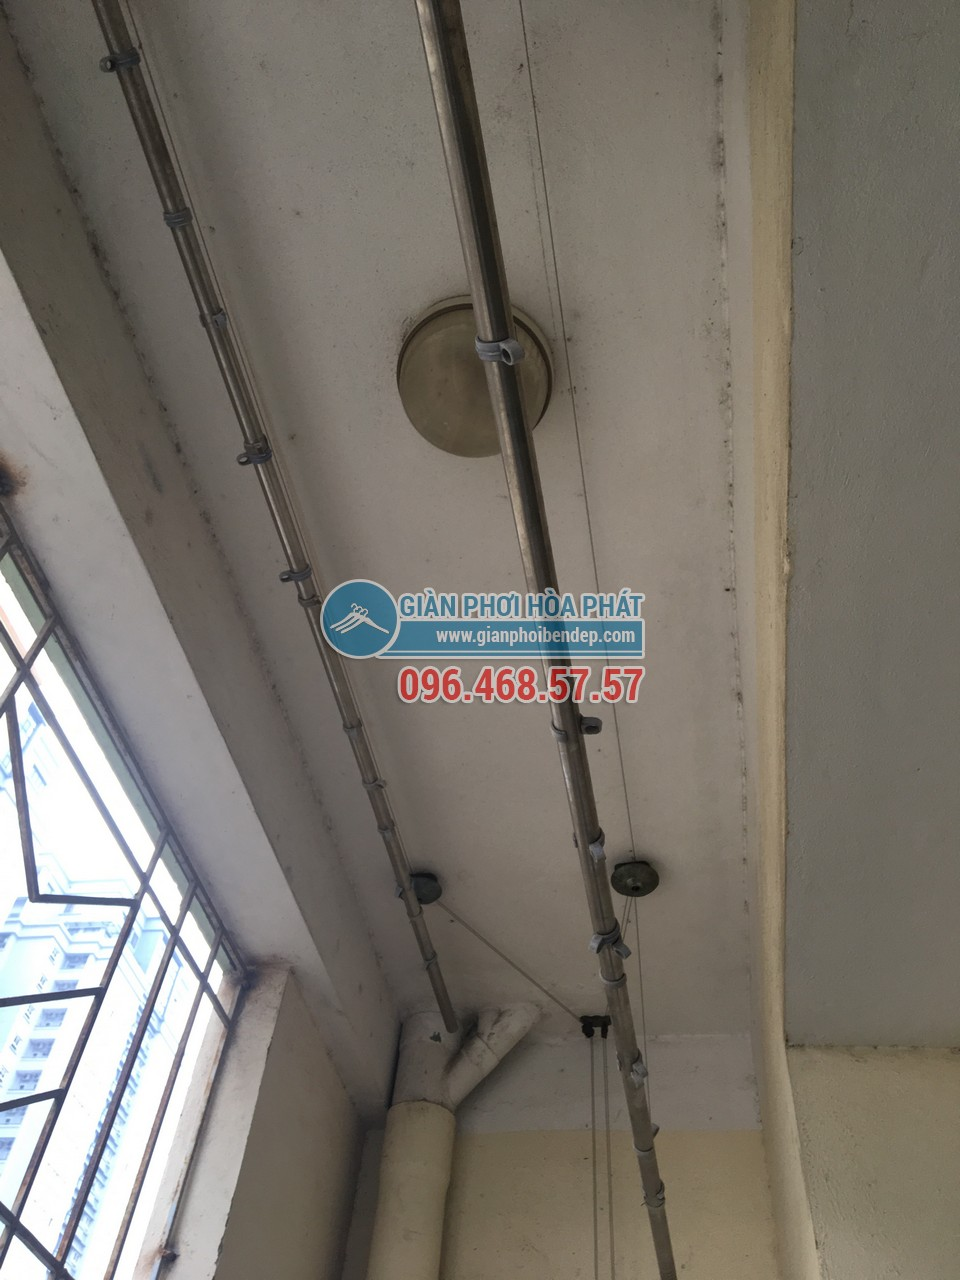 Thay dây cáp cho giàn phơi thông minh nhà chị Hường, P805, Tòa CT4-5, KĐT Yên Hòa - 03